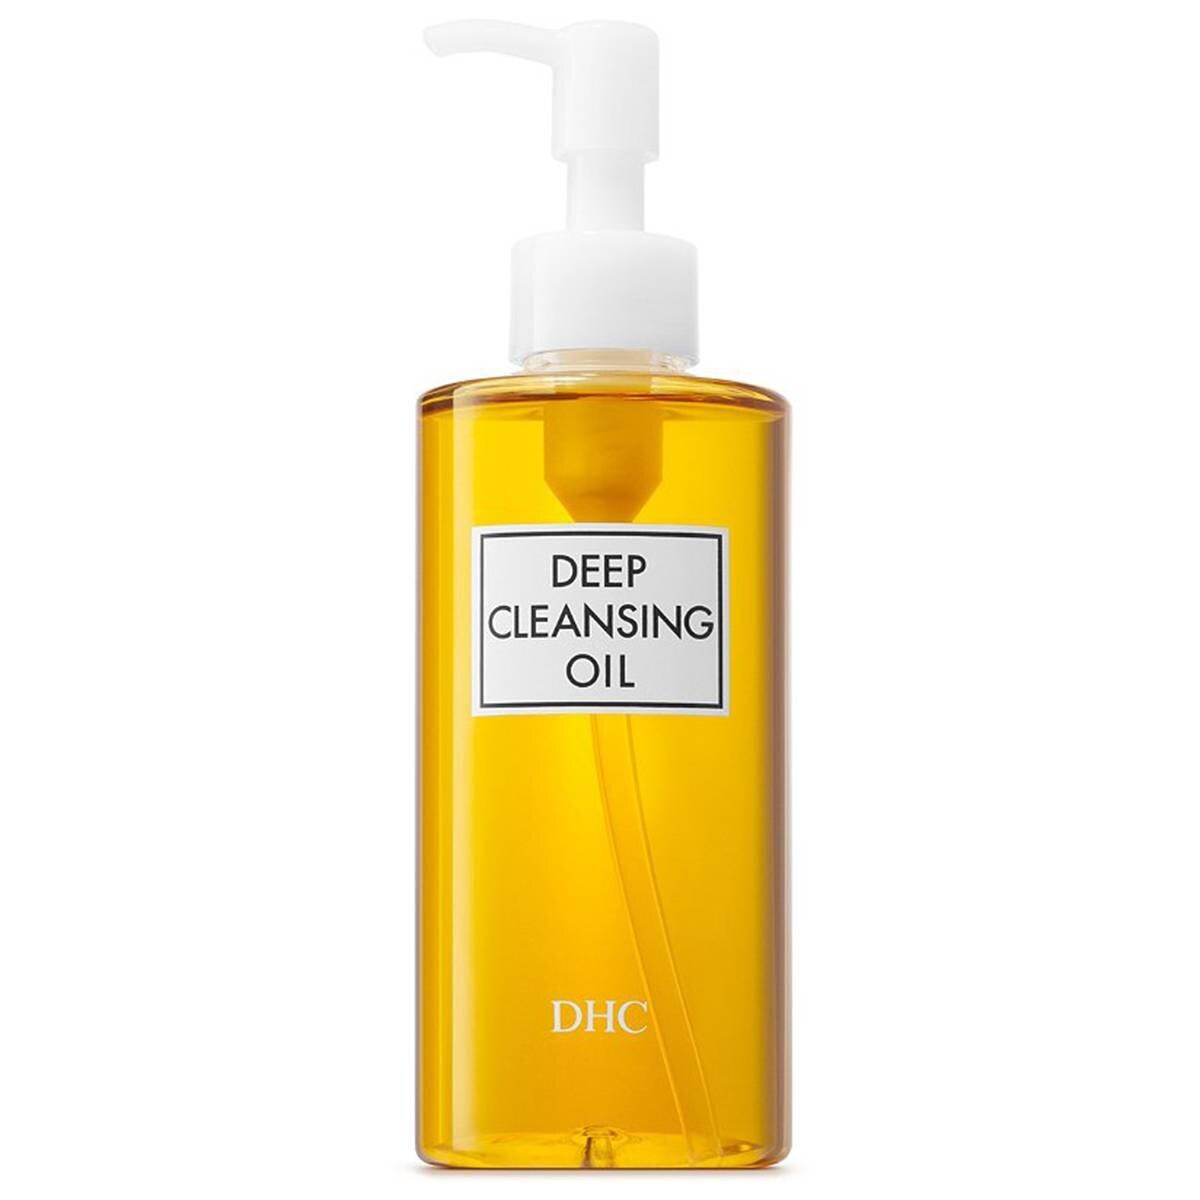 cleansing-oils-for-oily-skin-285927-1583530675903-main.1200x0c.jpg